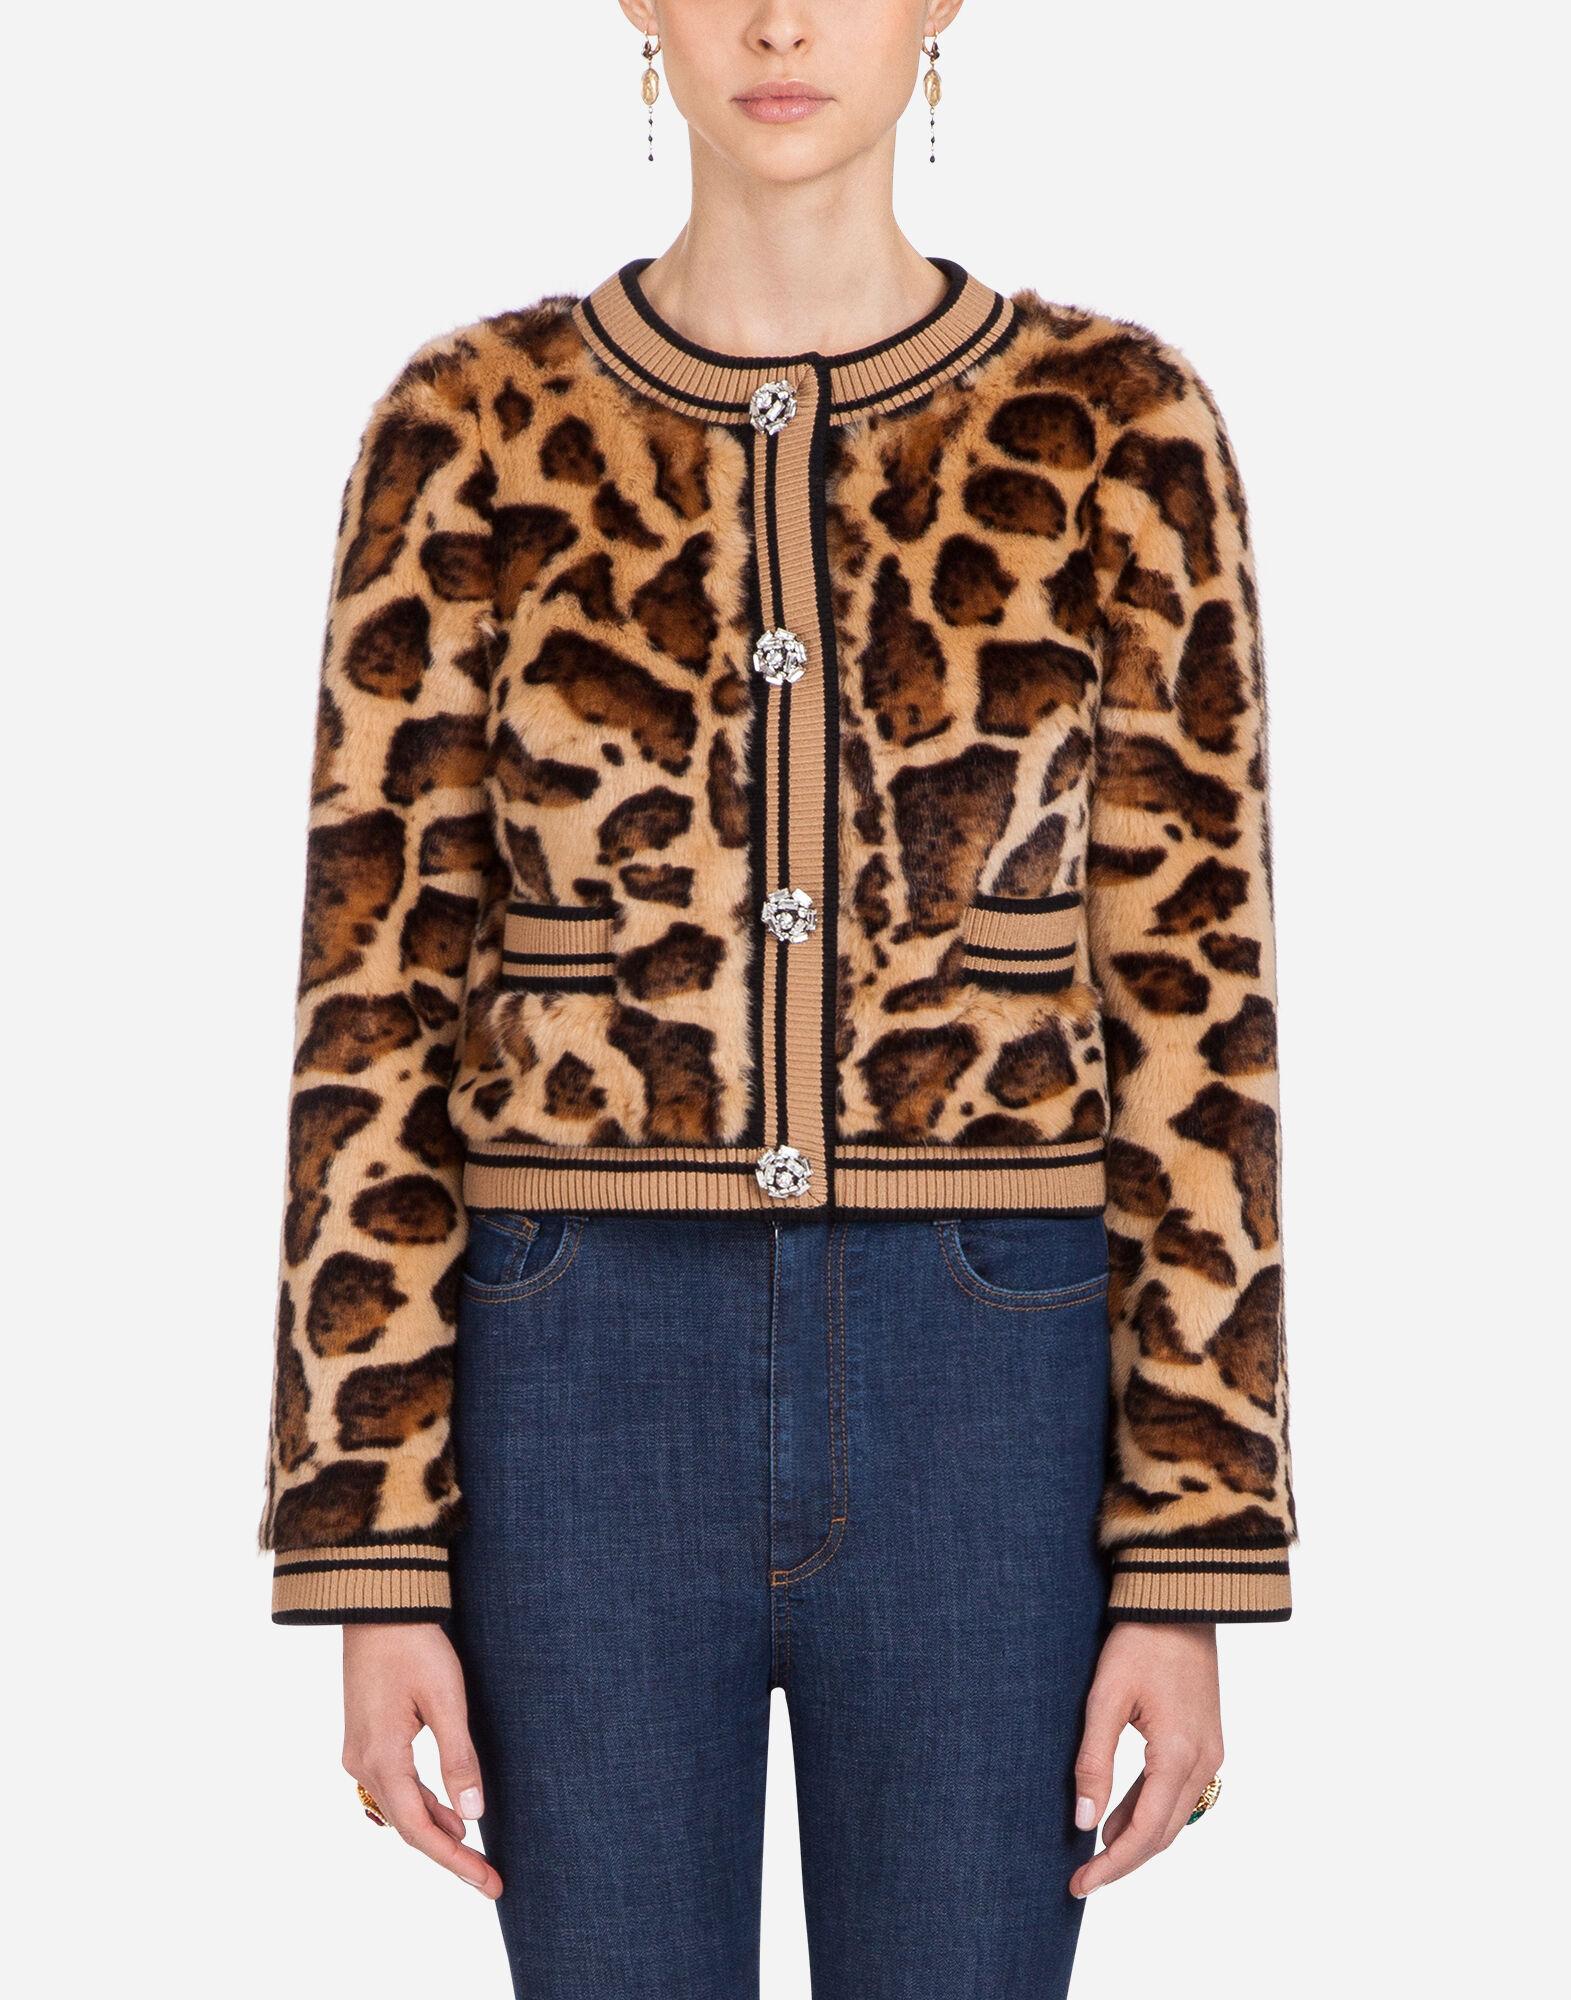 Dolce Pelliccia amp;Gabbana Giacca In Eco Donna Abbigliamento w0UvvAq